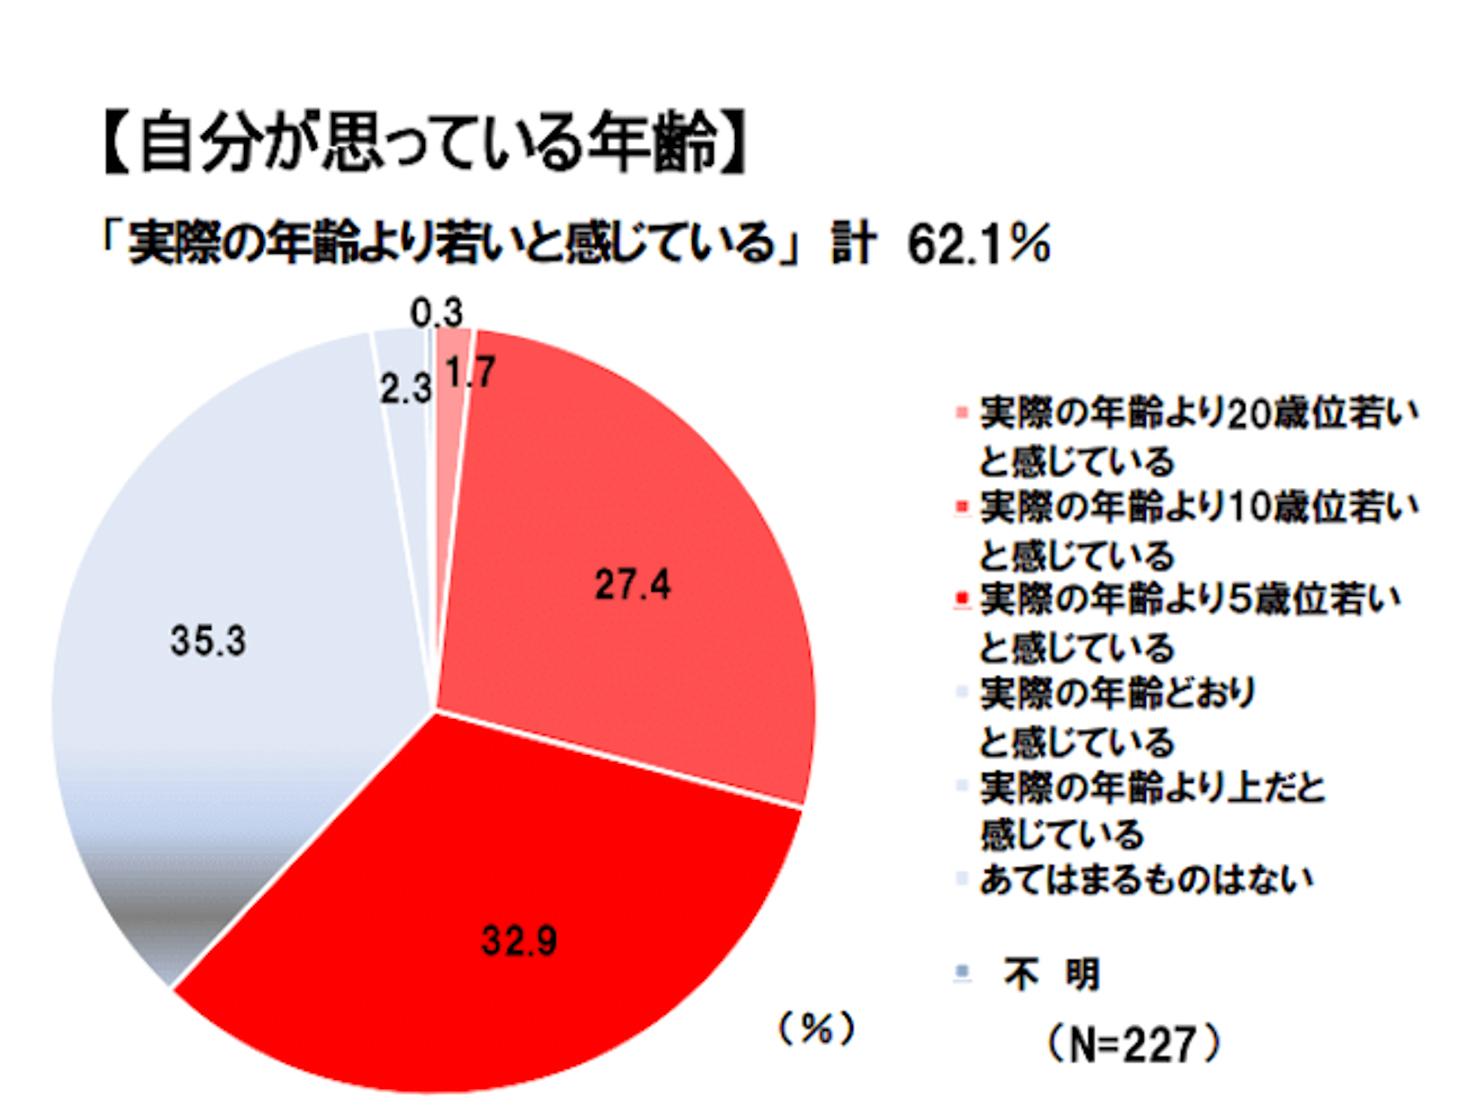 70代の人の見た目年齢のアンケート調査結果のグラフ2